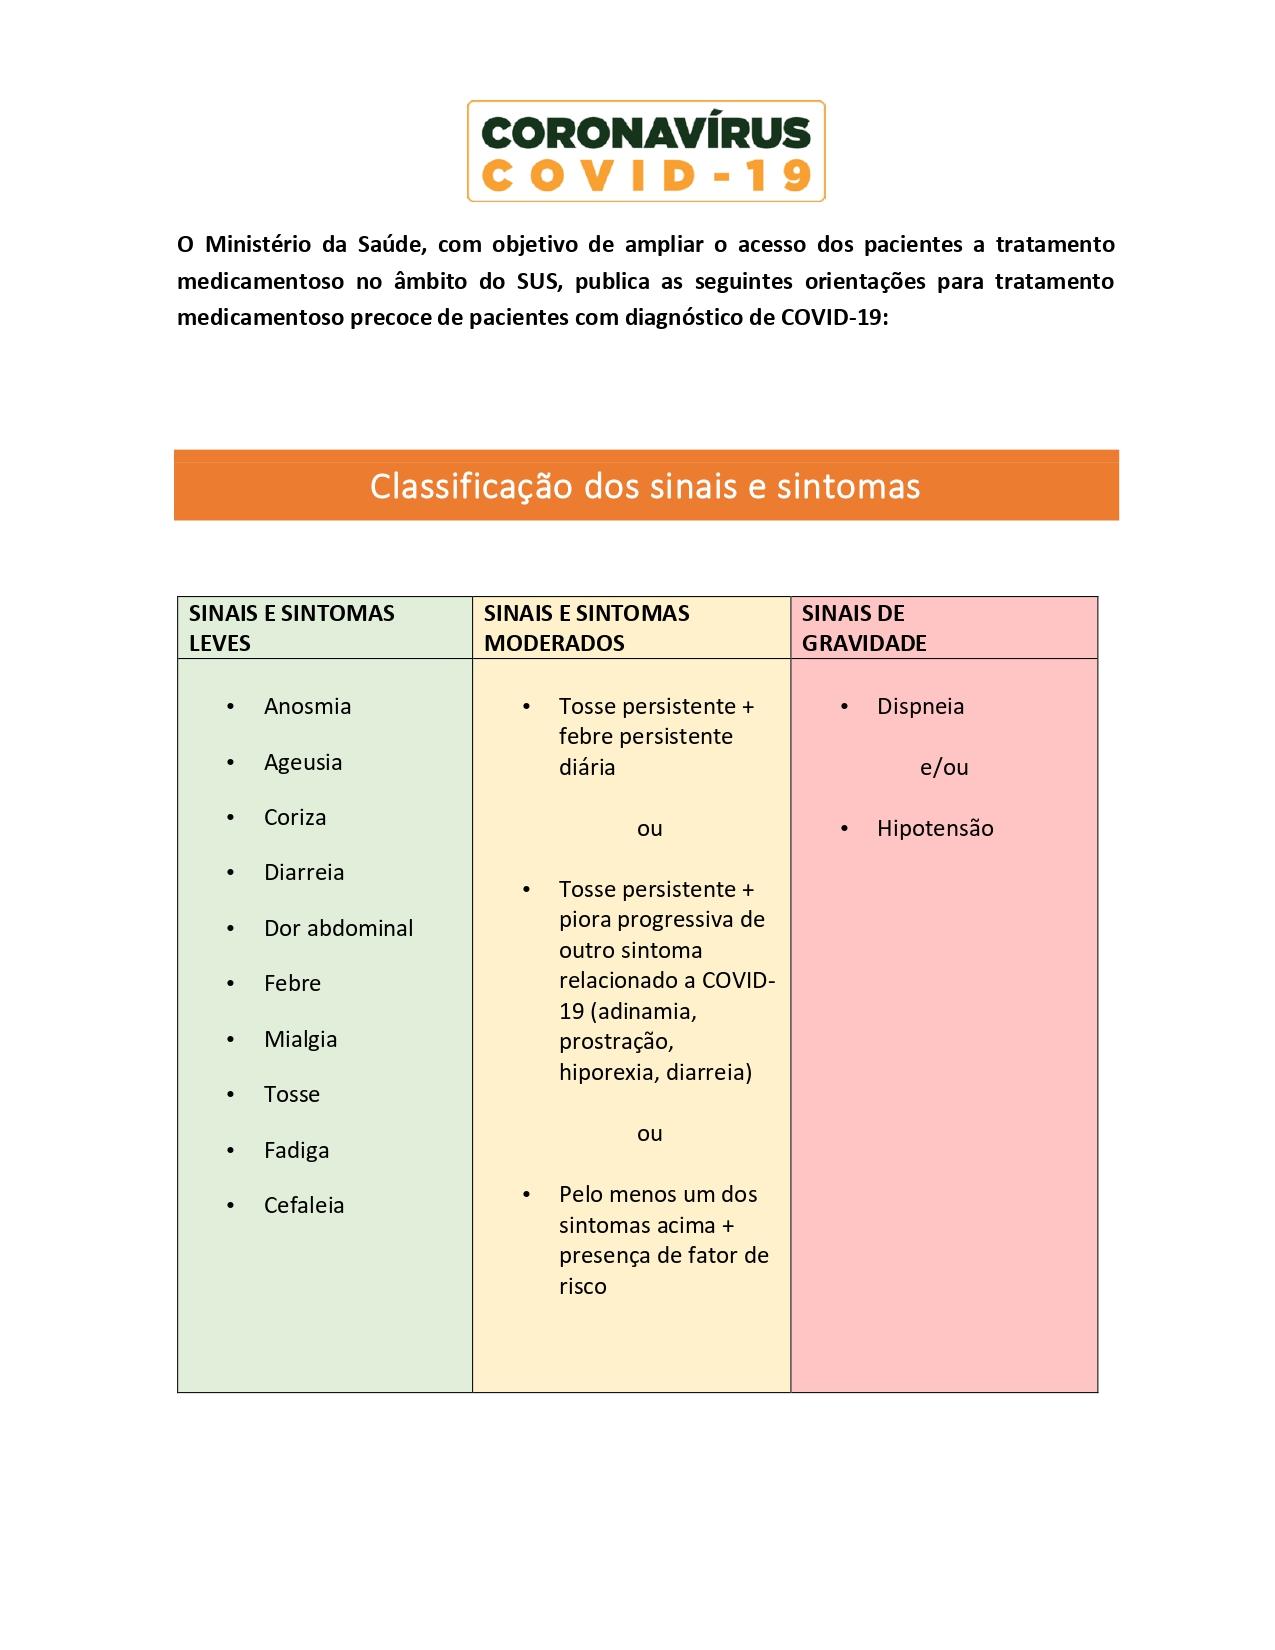 ORIENTAÇÕES DO MINISTÉRIO DA SAÚDE - hidroxi.cloroquina_page-0003